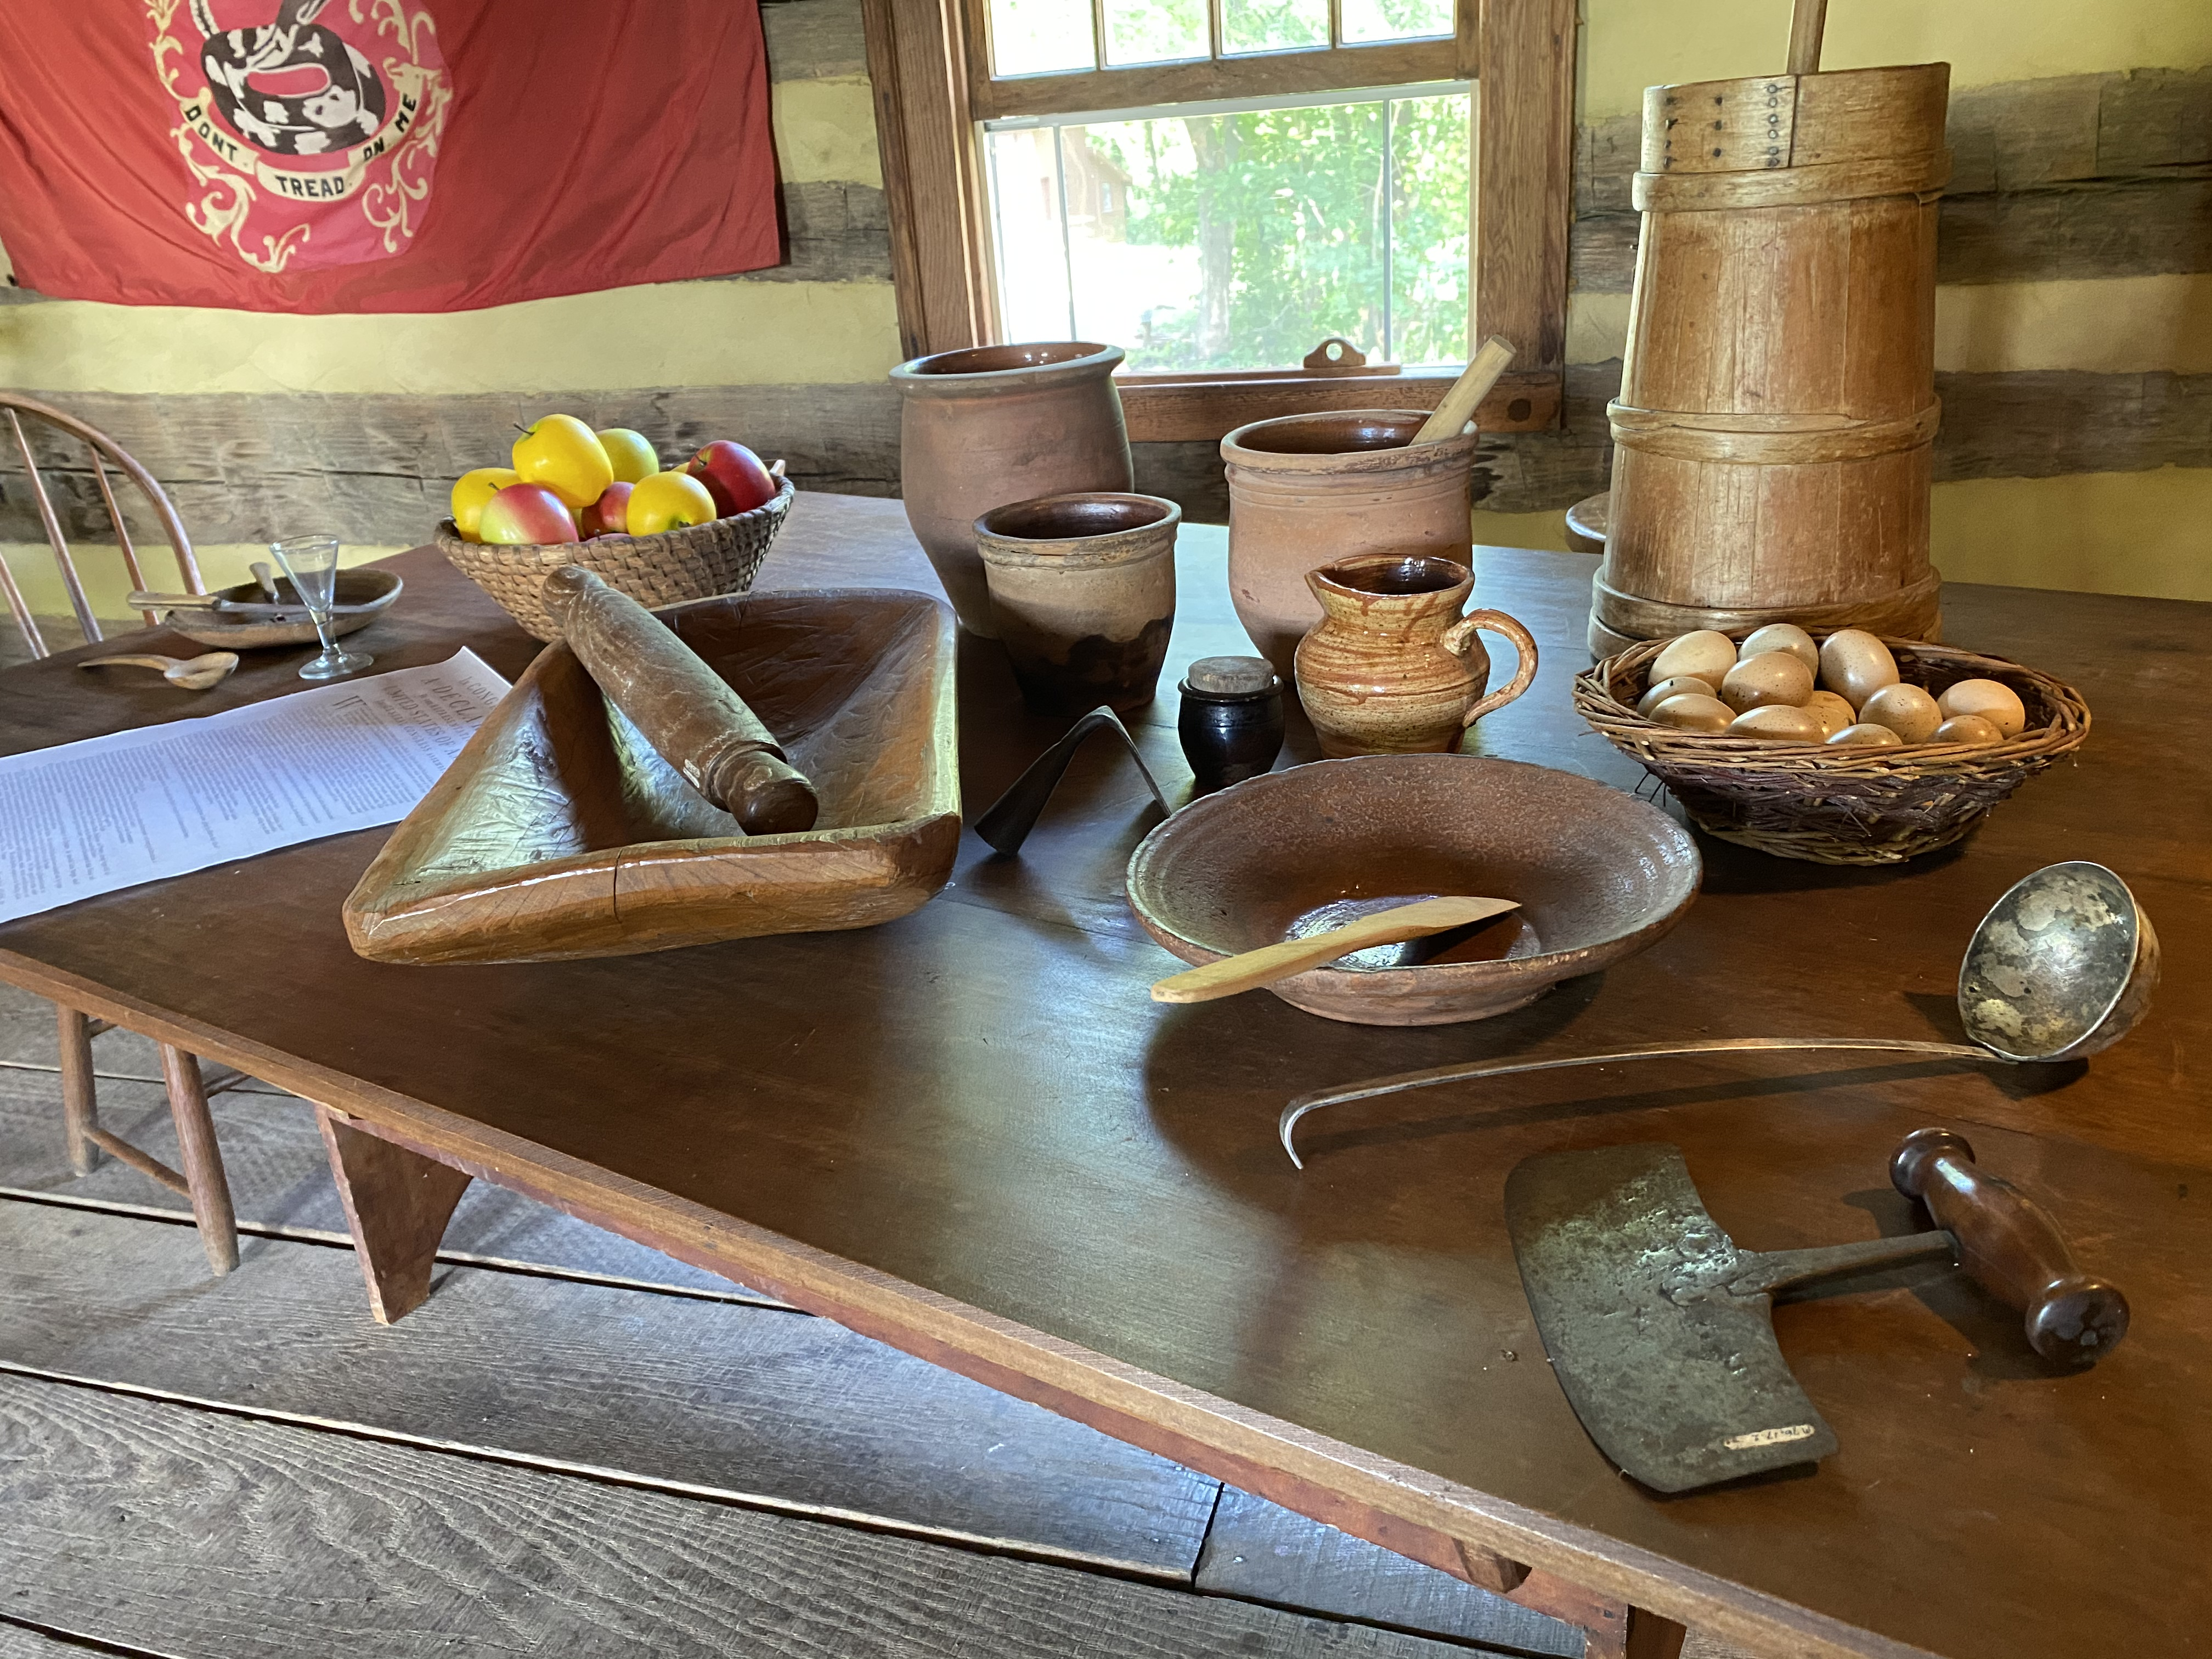 Tavern table setup